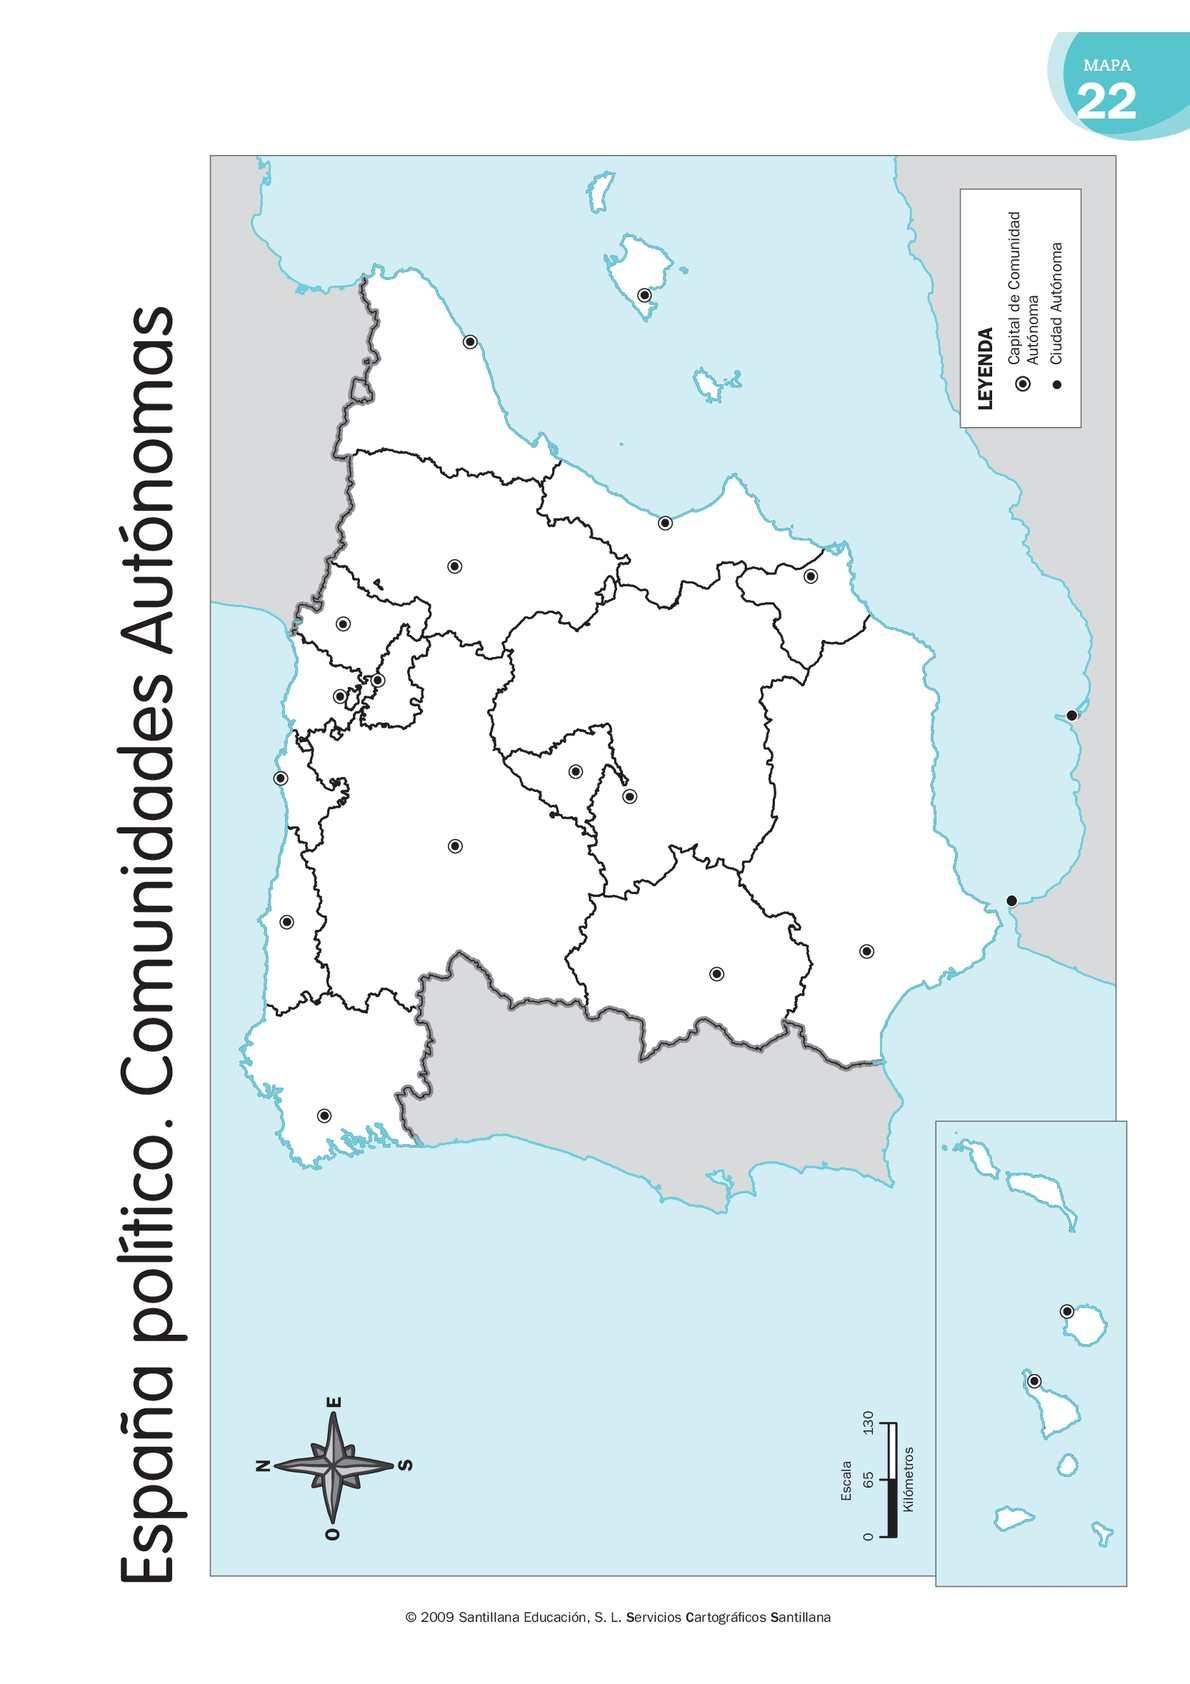 Calameo Mapa Mudo Espana Politico Comunidades Autonomas